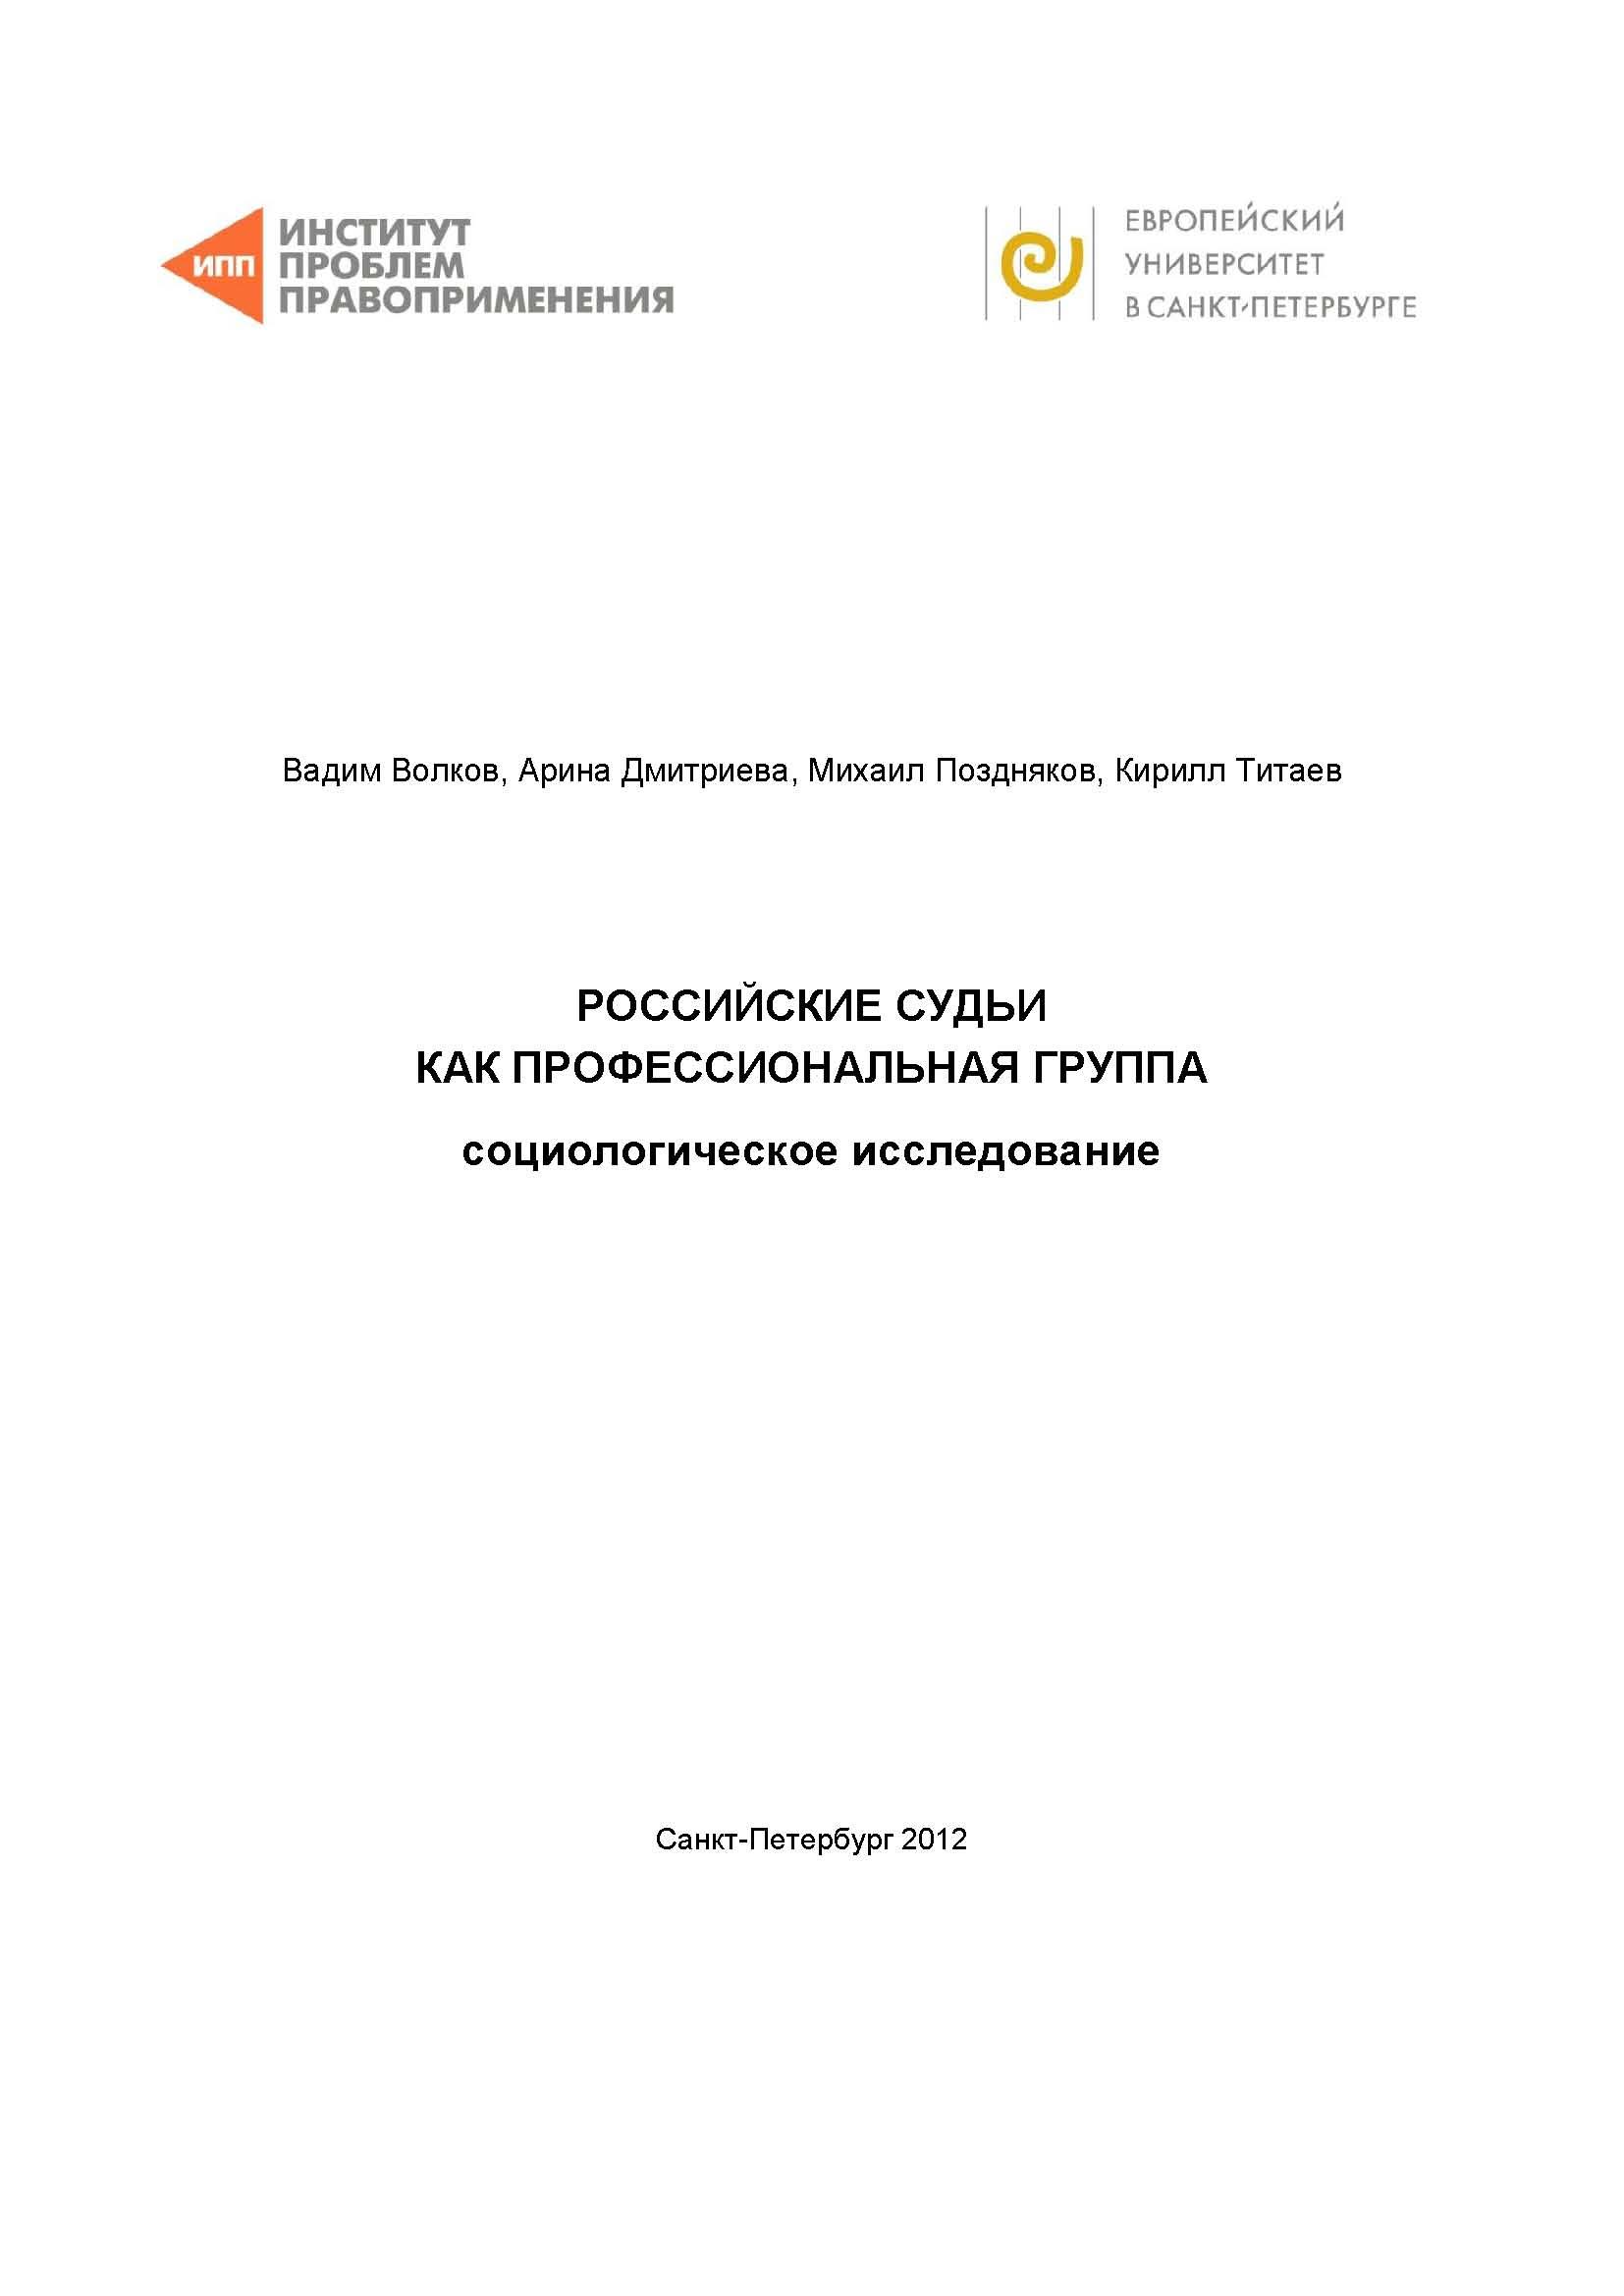 Российские судьи как профессиональная группа: социологическое исследование